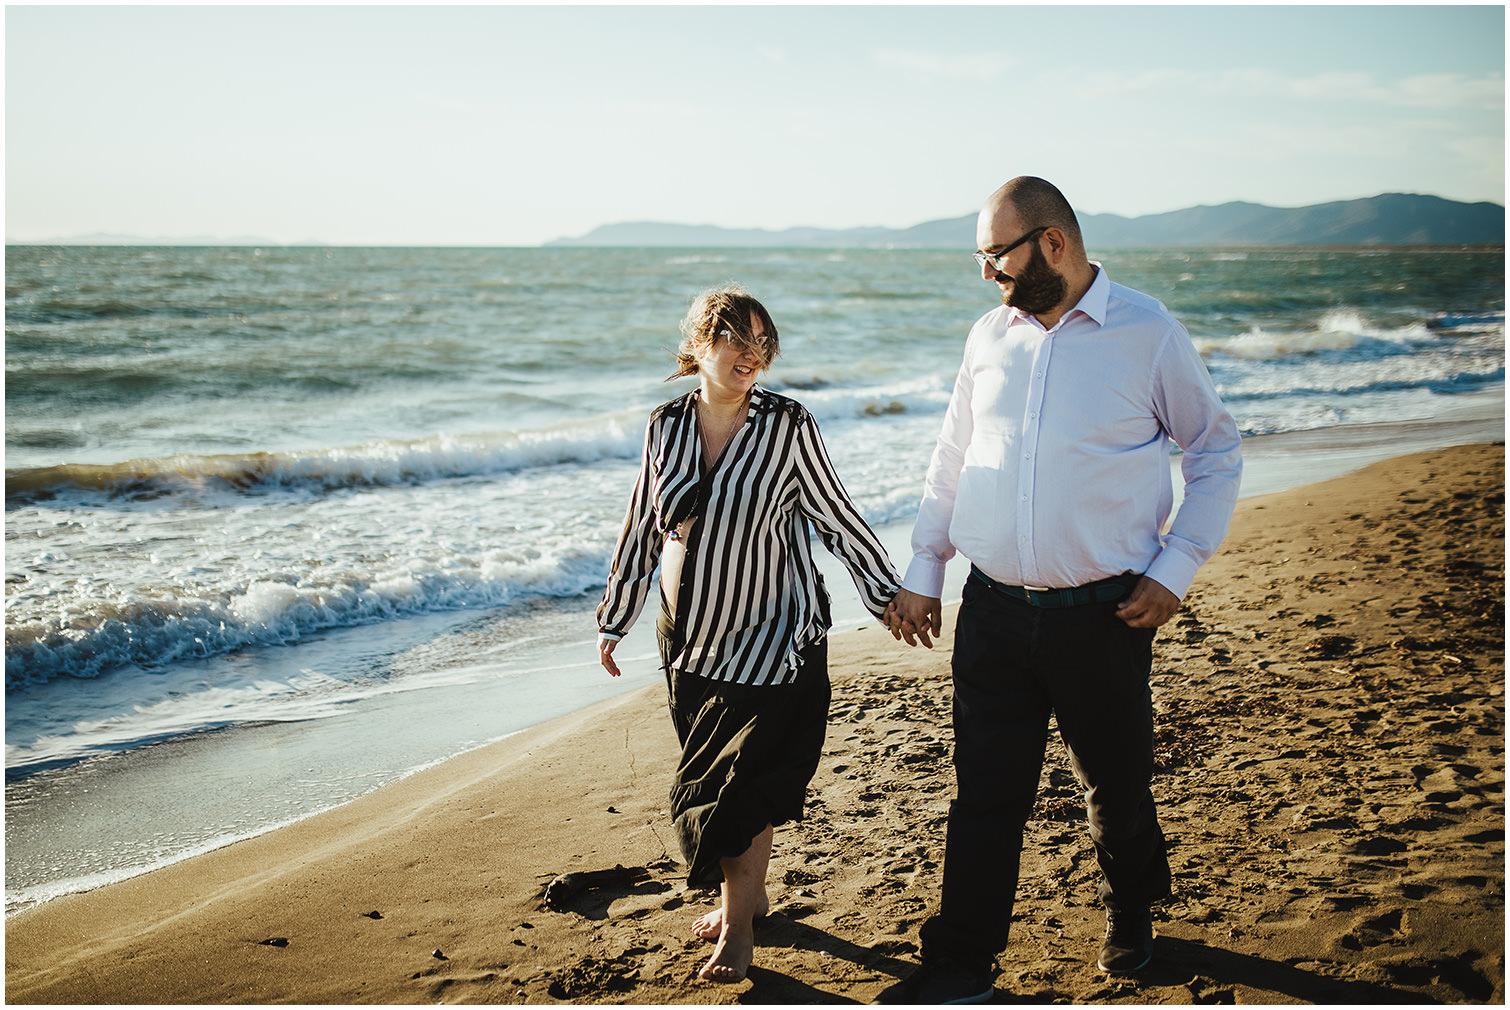 rosi-miche-maternity-session-sara-lorenzoni-fotografia-arezzo-grosseto-fotografo-matrimonio-13